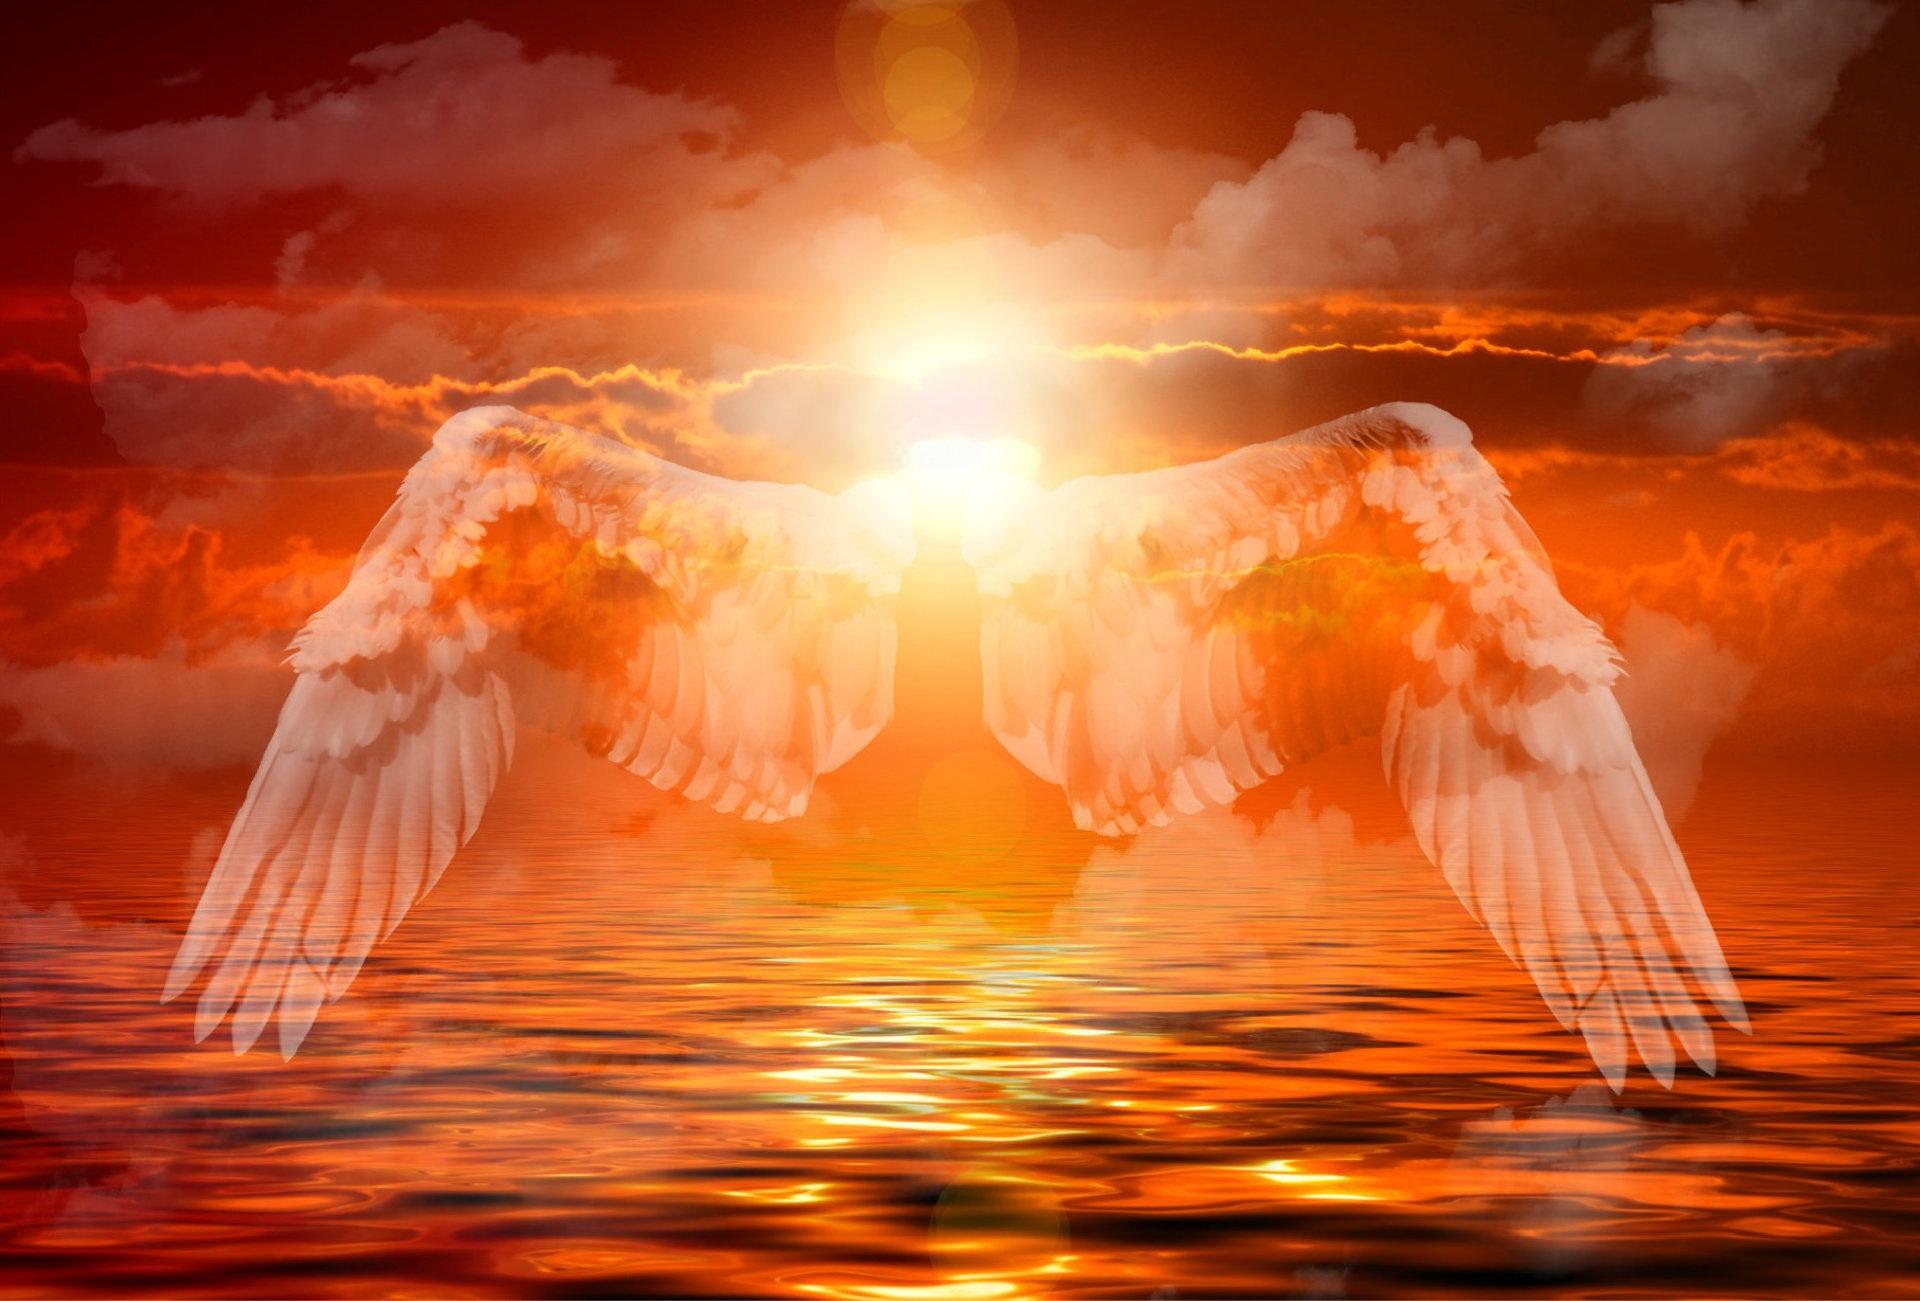 Tröstende Worte im Trauerfall – so finden Sie den Text für Ihre Trauerkarte